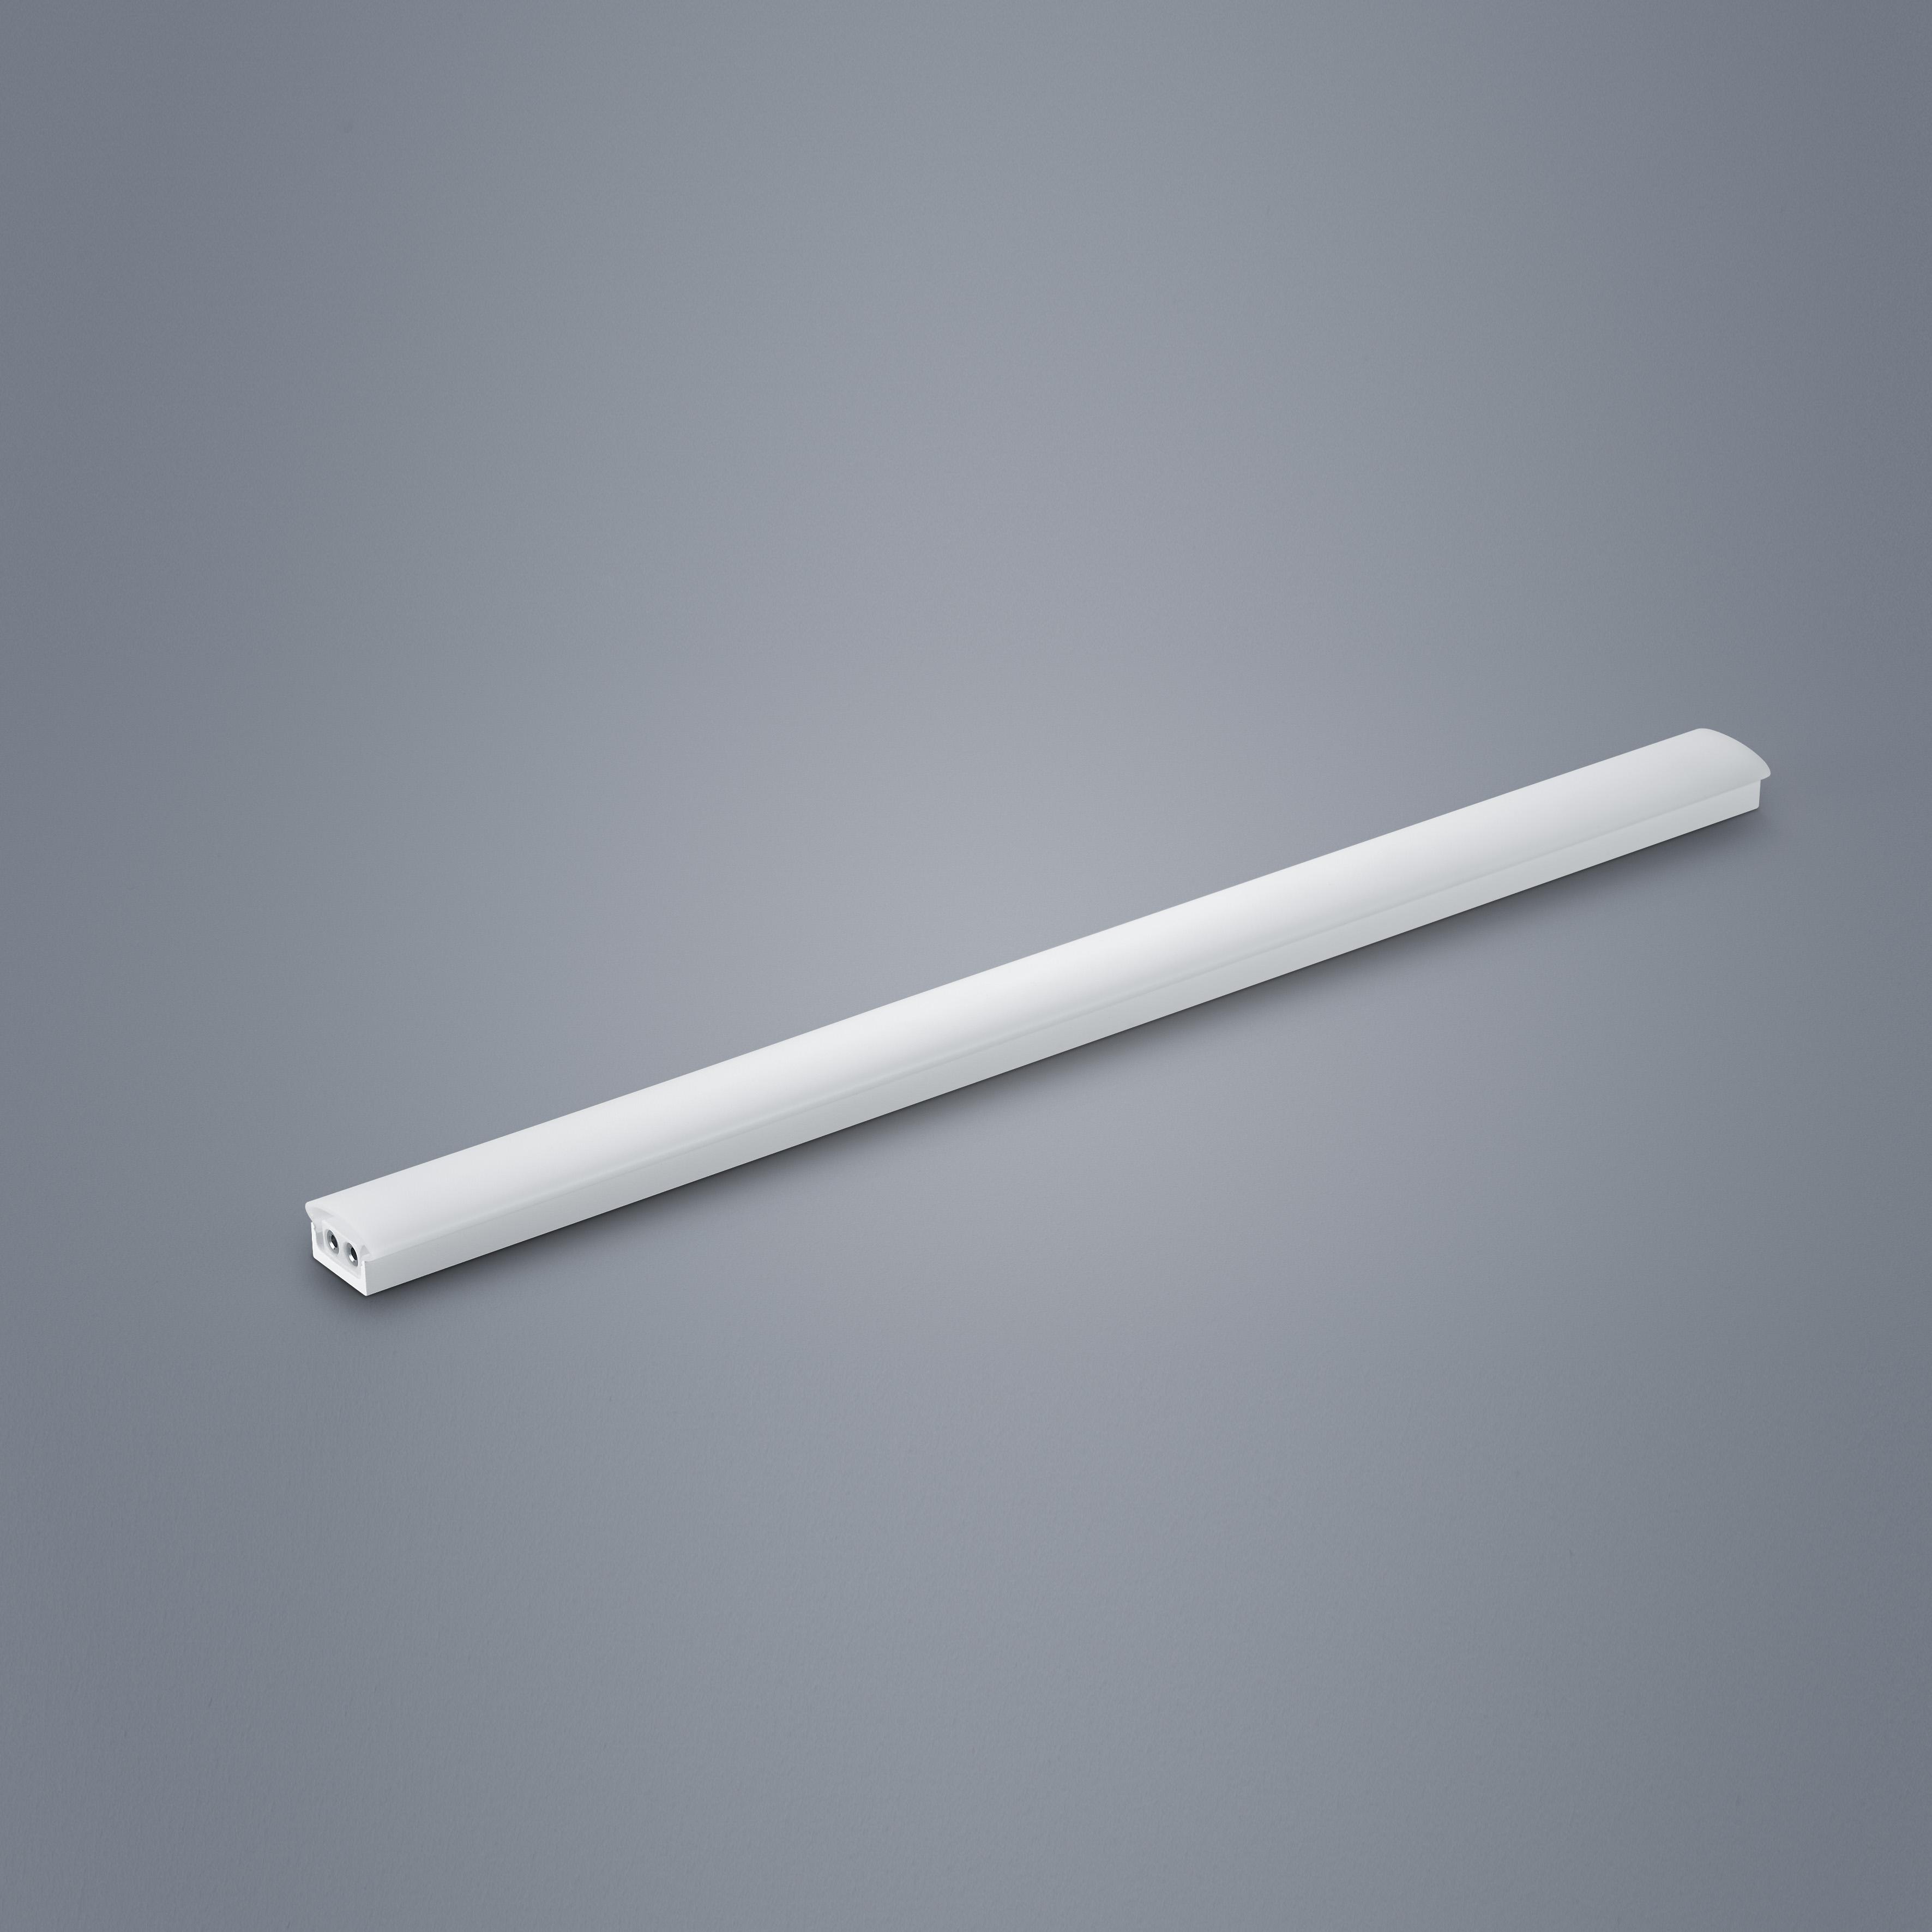 LED-Deckenleuchten von Helestra Leuchten VIGO LED- Leuchtenmodul 150 cm 15/1602.07